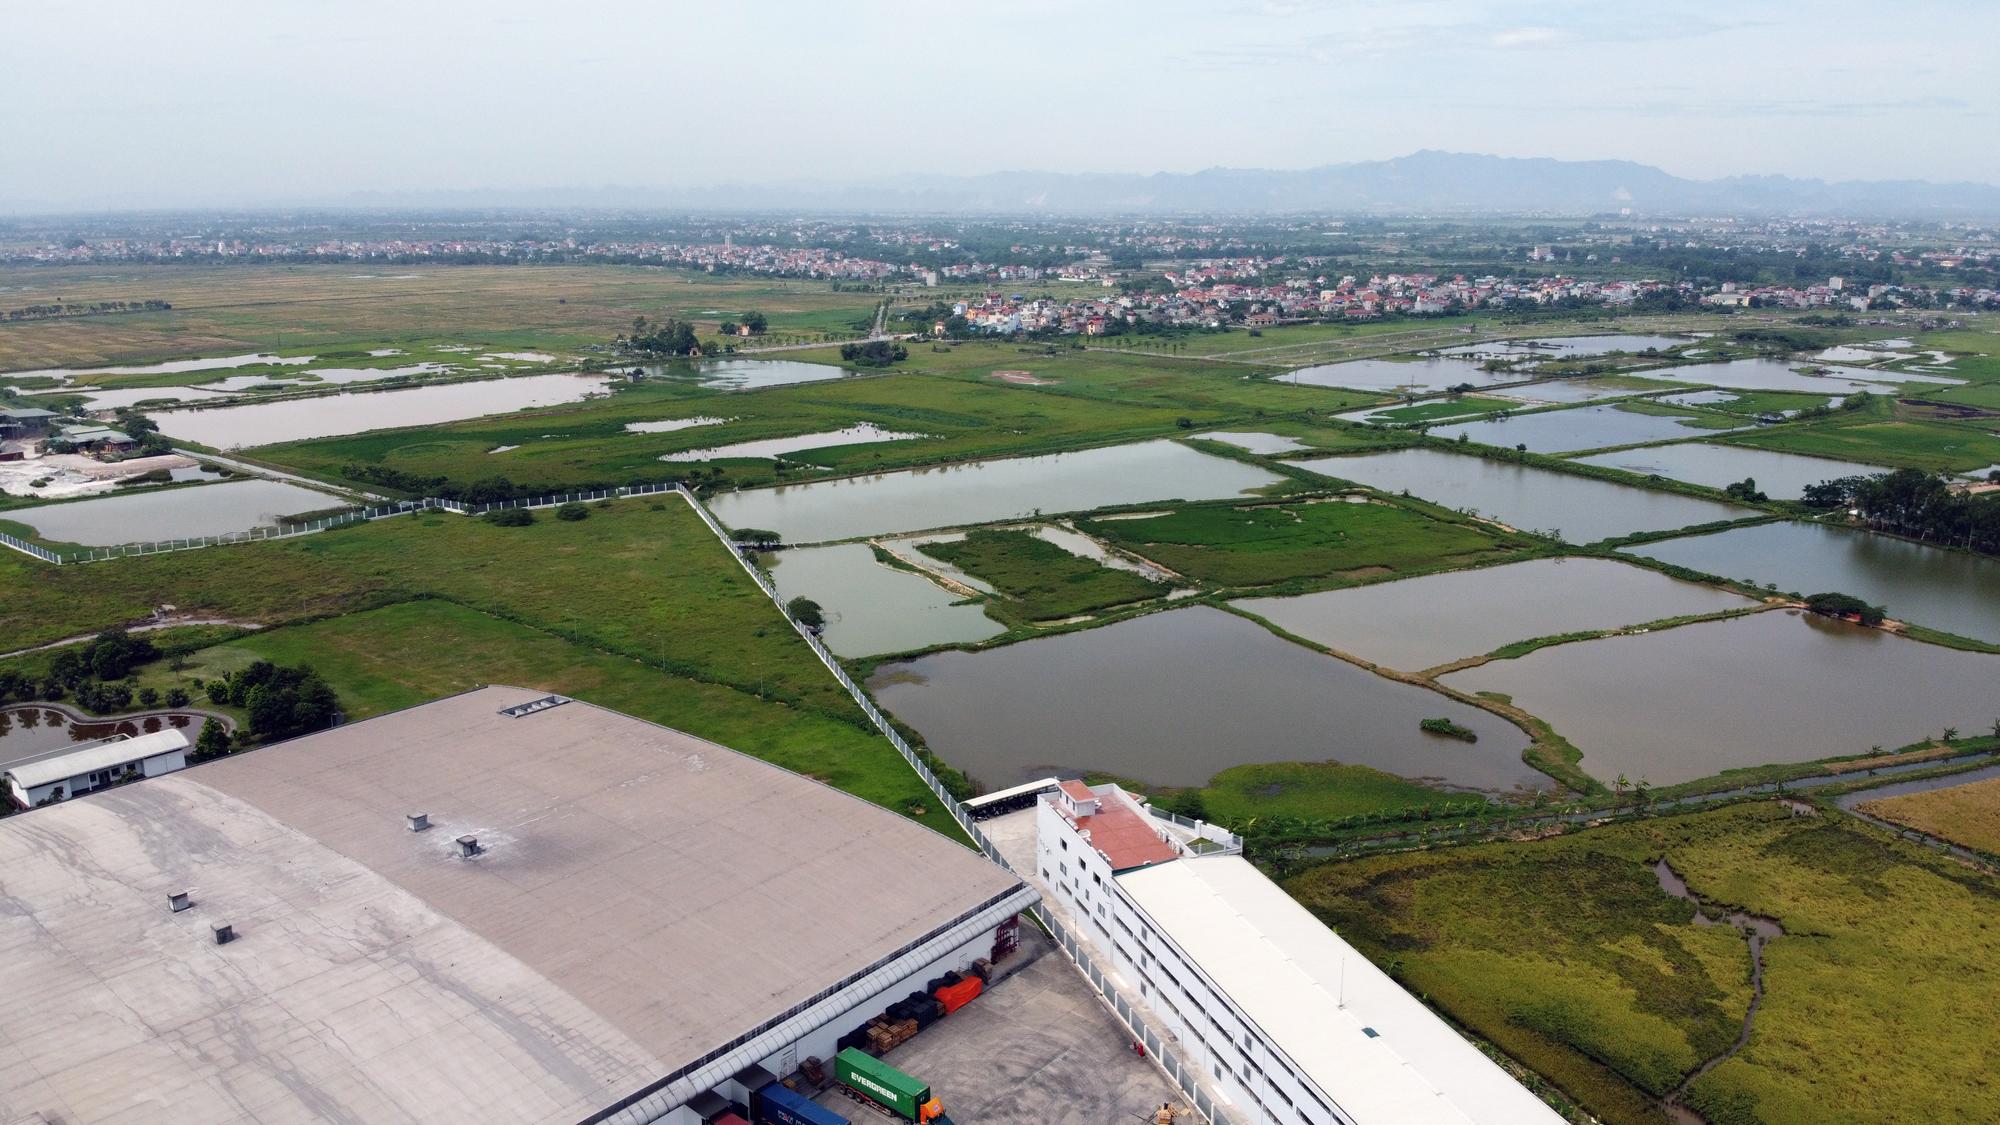 Những dự án chung cư gần các khu đất sẽ đào hồ lớn ở quận Hà Đông - Ảnh 15.